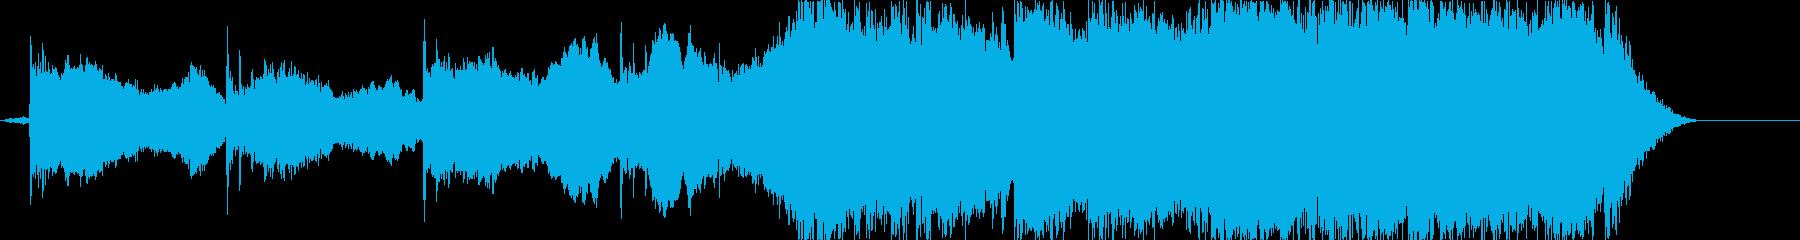 張り詰めた緊張感のあるオーケストラ曲の再生済みの波形